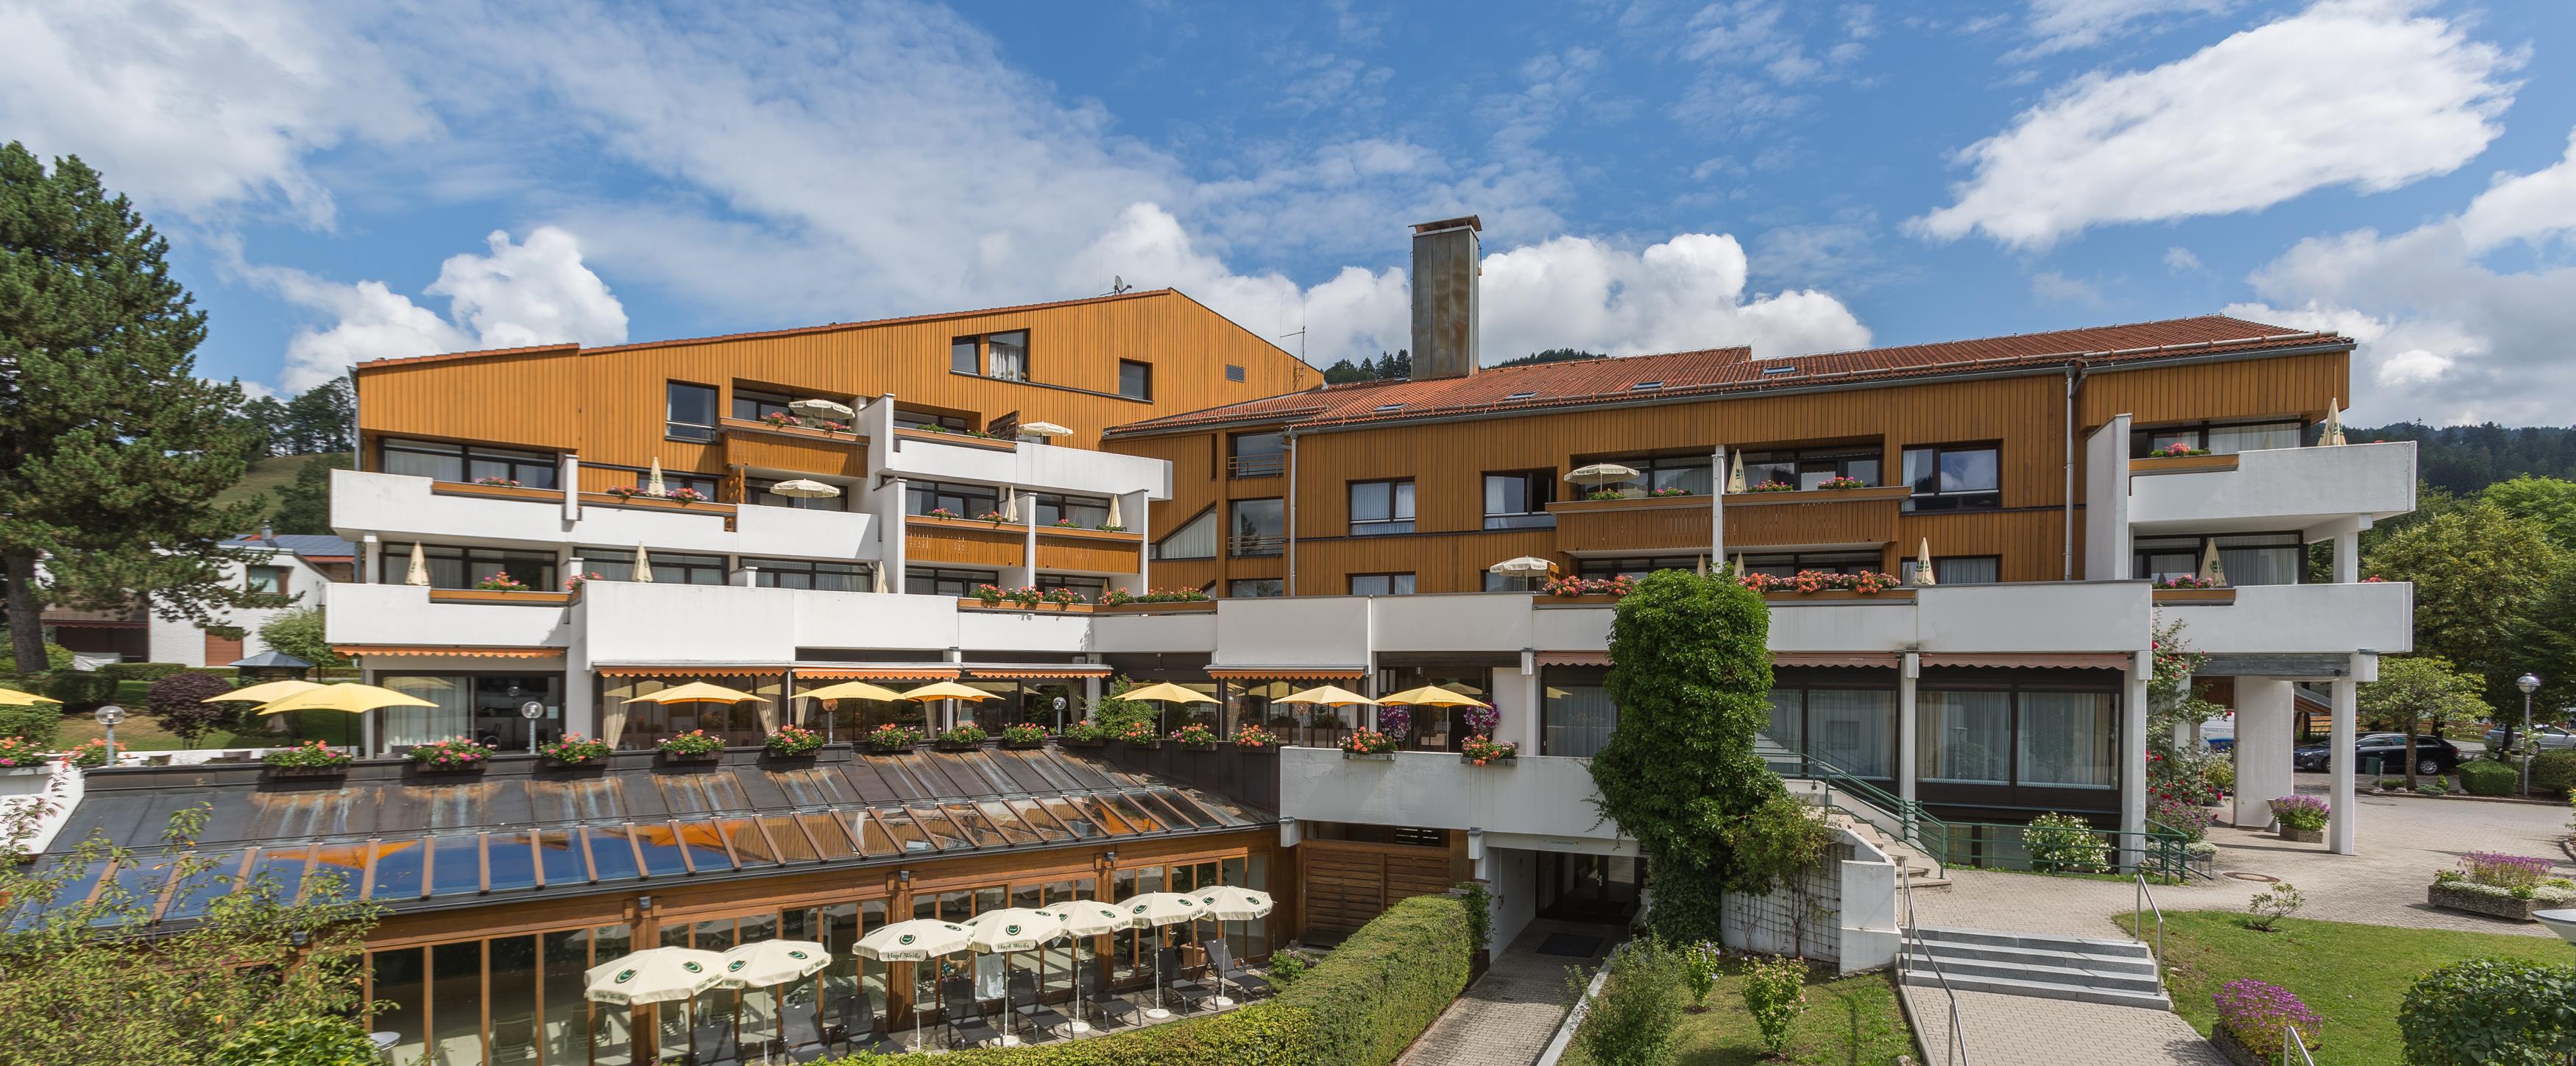 Hotels Schliersee  Sterne